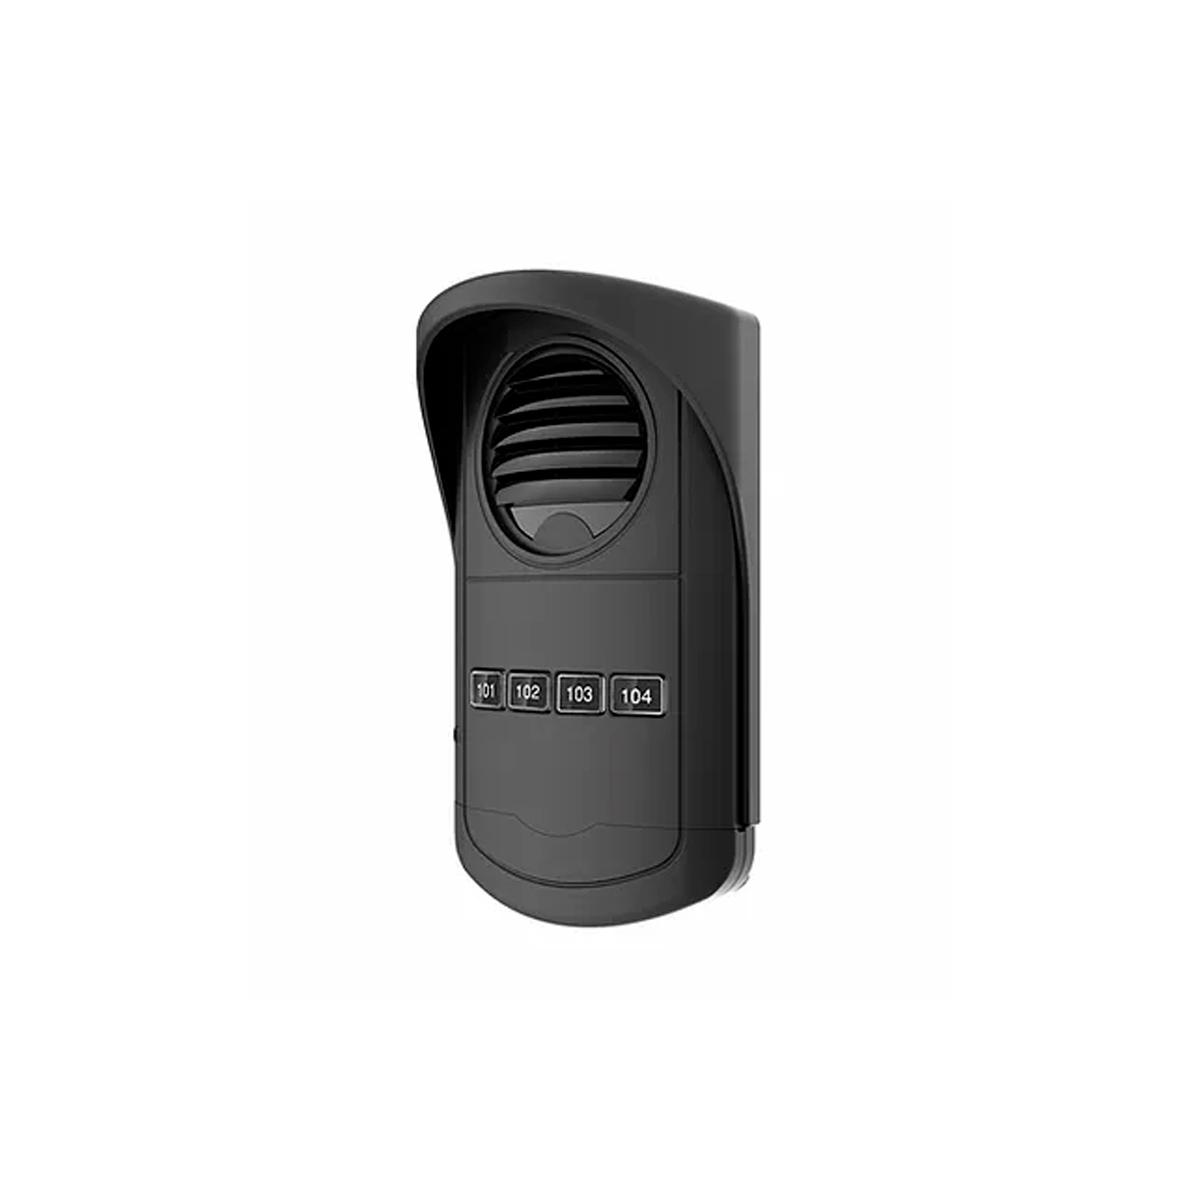 Interfone Coletivo AGL S300 4 Pontos Porteiro Eletrônico